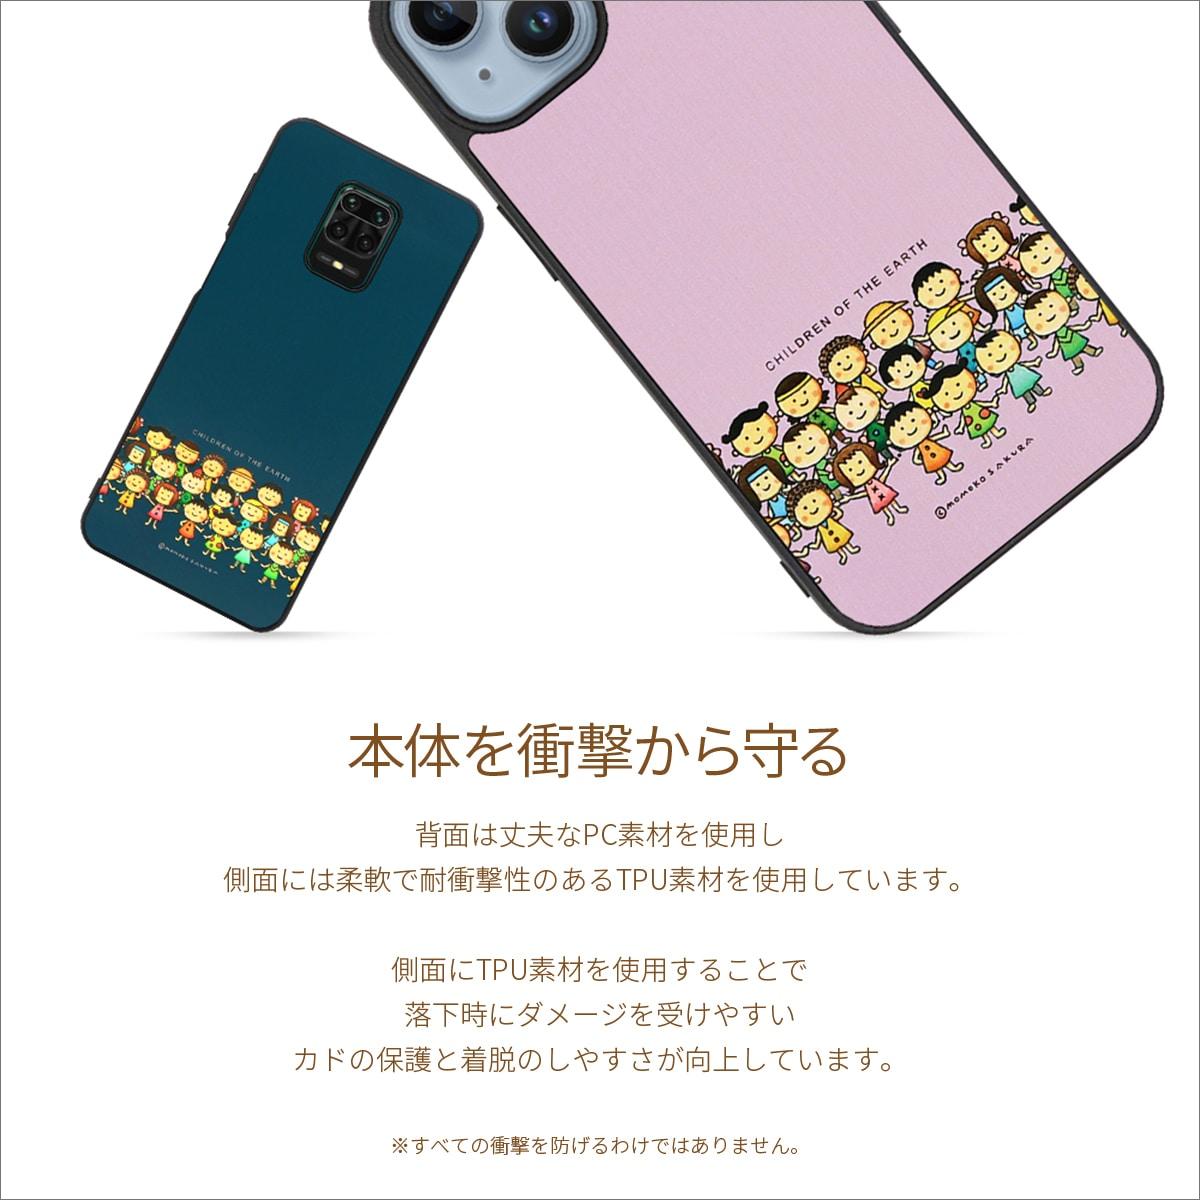 さくらももこ 地球の子供たち iPhone ケース iPhone 11 Pro Max 11 Pro XR XS Max X XS 7 Plus 8 Plus 7 8 SE (第2世代) 6 Plus 6s Plus 6 6s 12 Pro Max 12 Pro 12 mini アイフォンケース ストラップホール PUレザー オリジナル